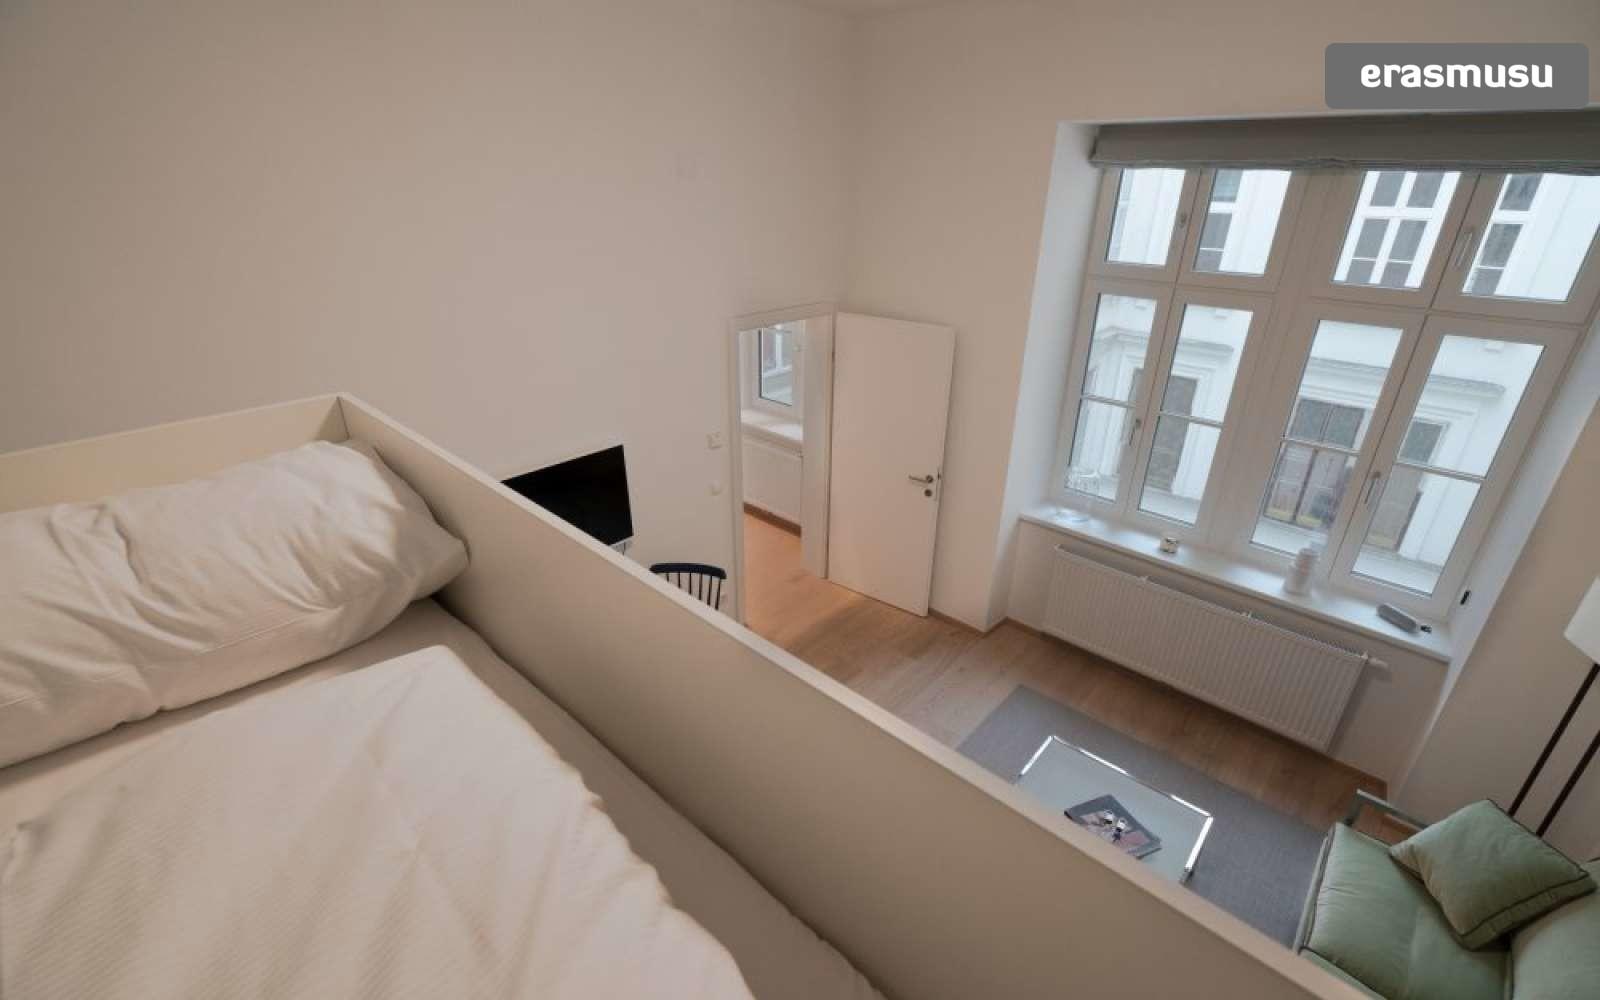 studio-apartment-rent-landstrase-320cb7d52f5cf478dea7547342e7d57